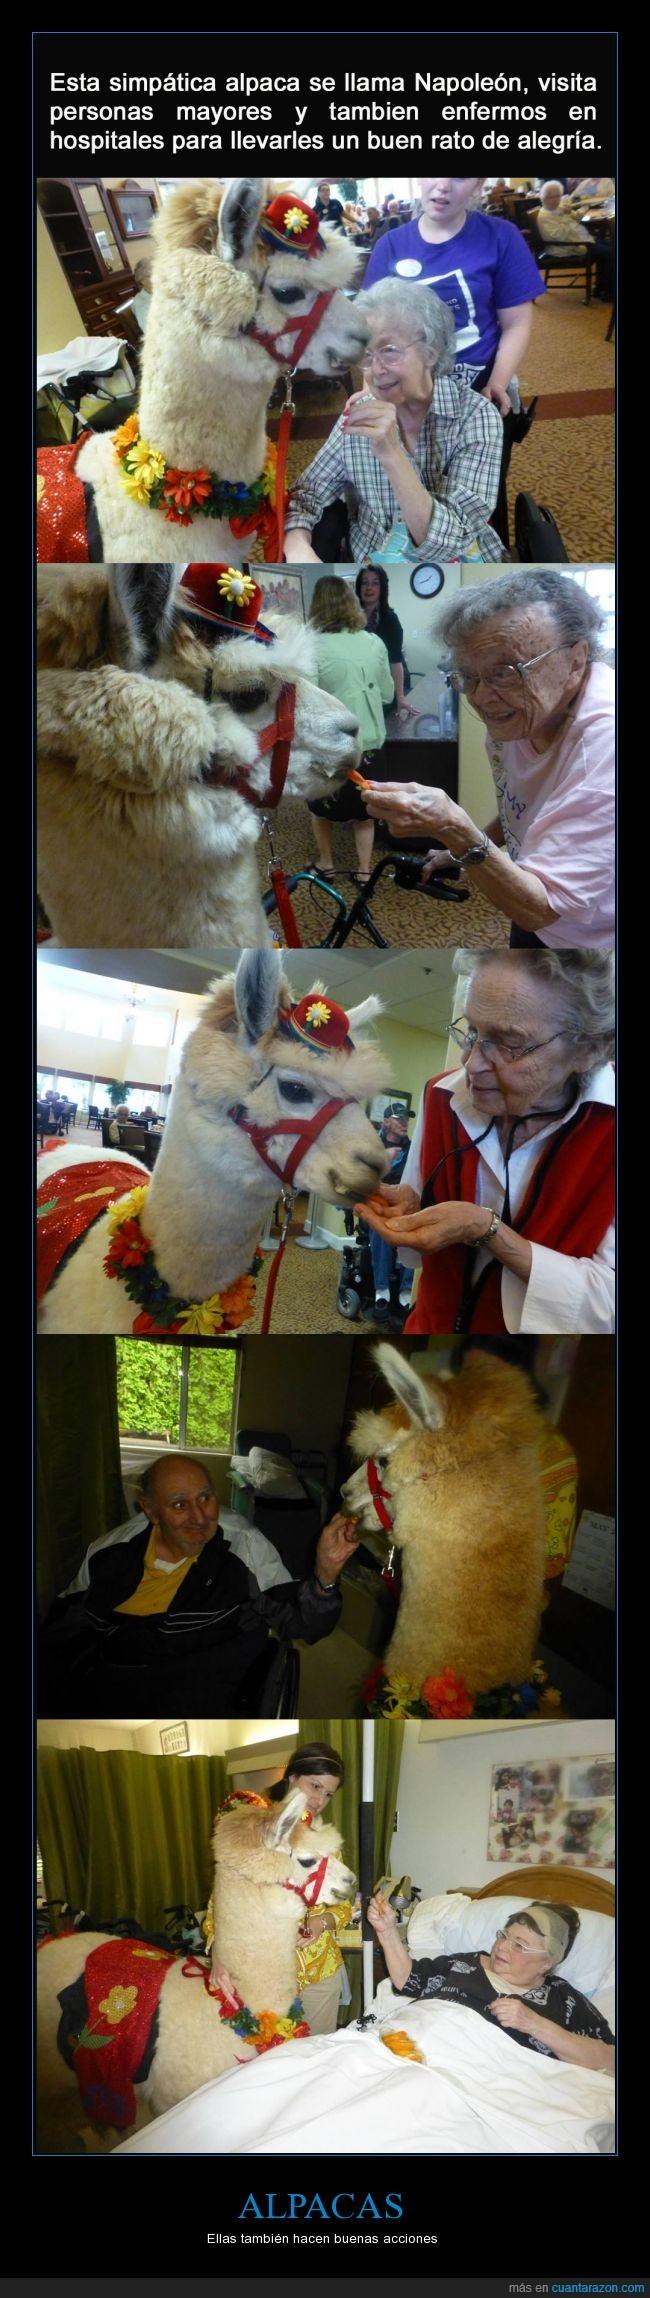 alpacas vengadoras,ancianos,enfermo,felicidad,flores,hospital,mayor,napoleon,visita,visitar,yo tambien quiero que me visite un alpaca